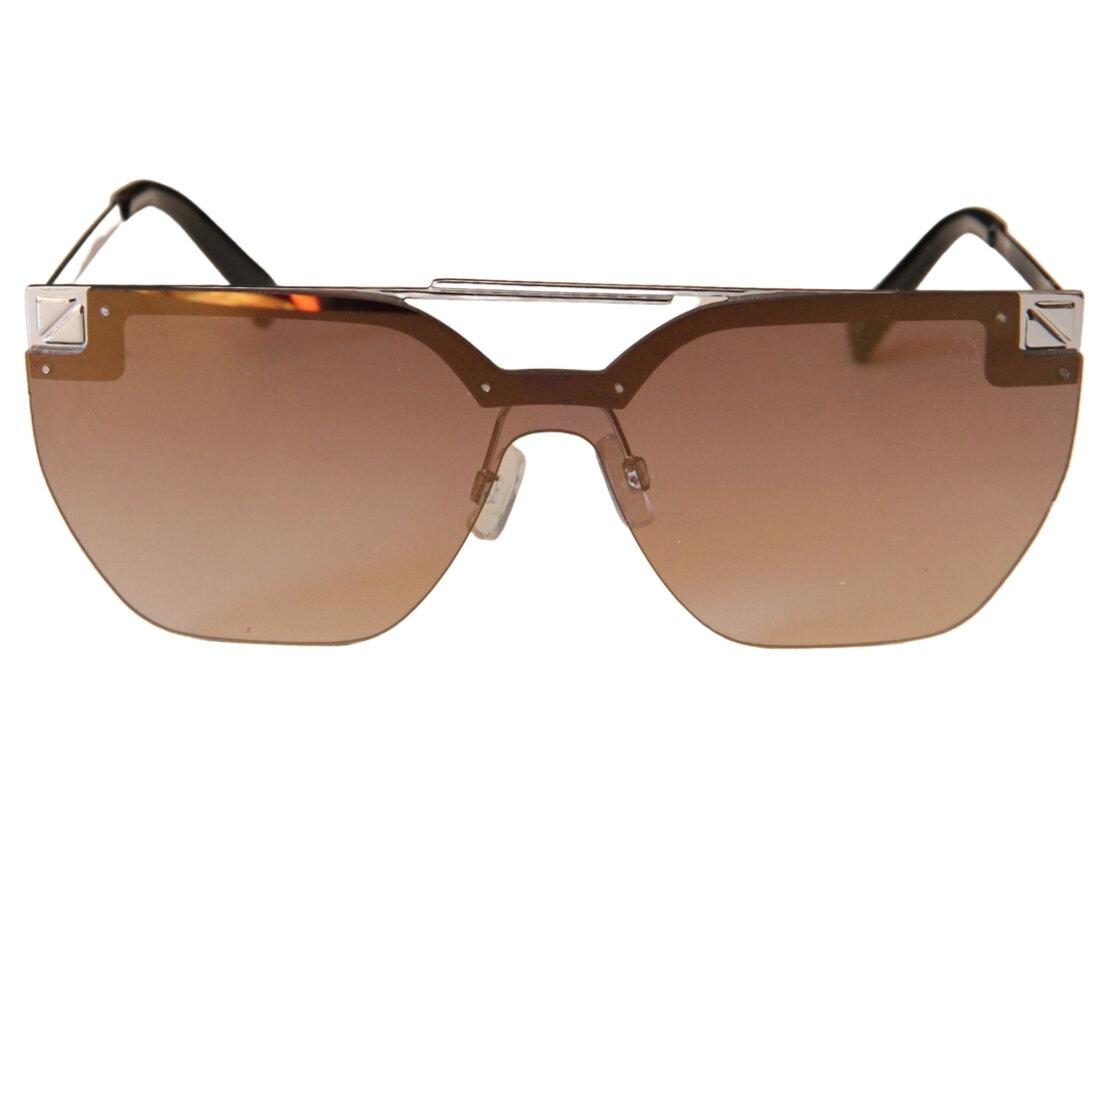 OUTLET - Óculos de Sol Khatto Square Fashion